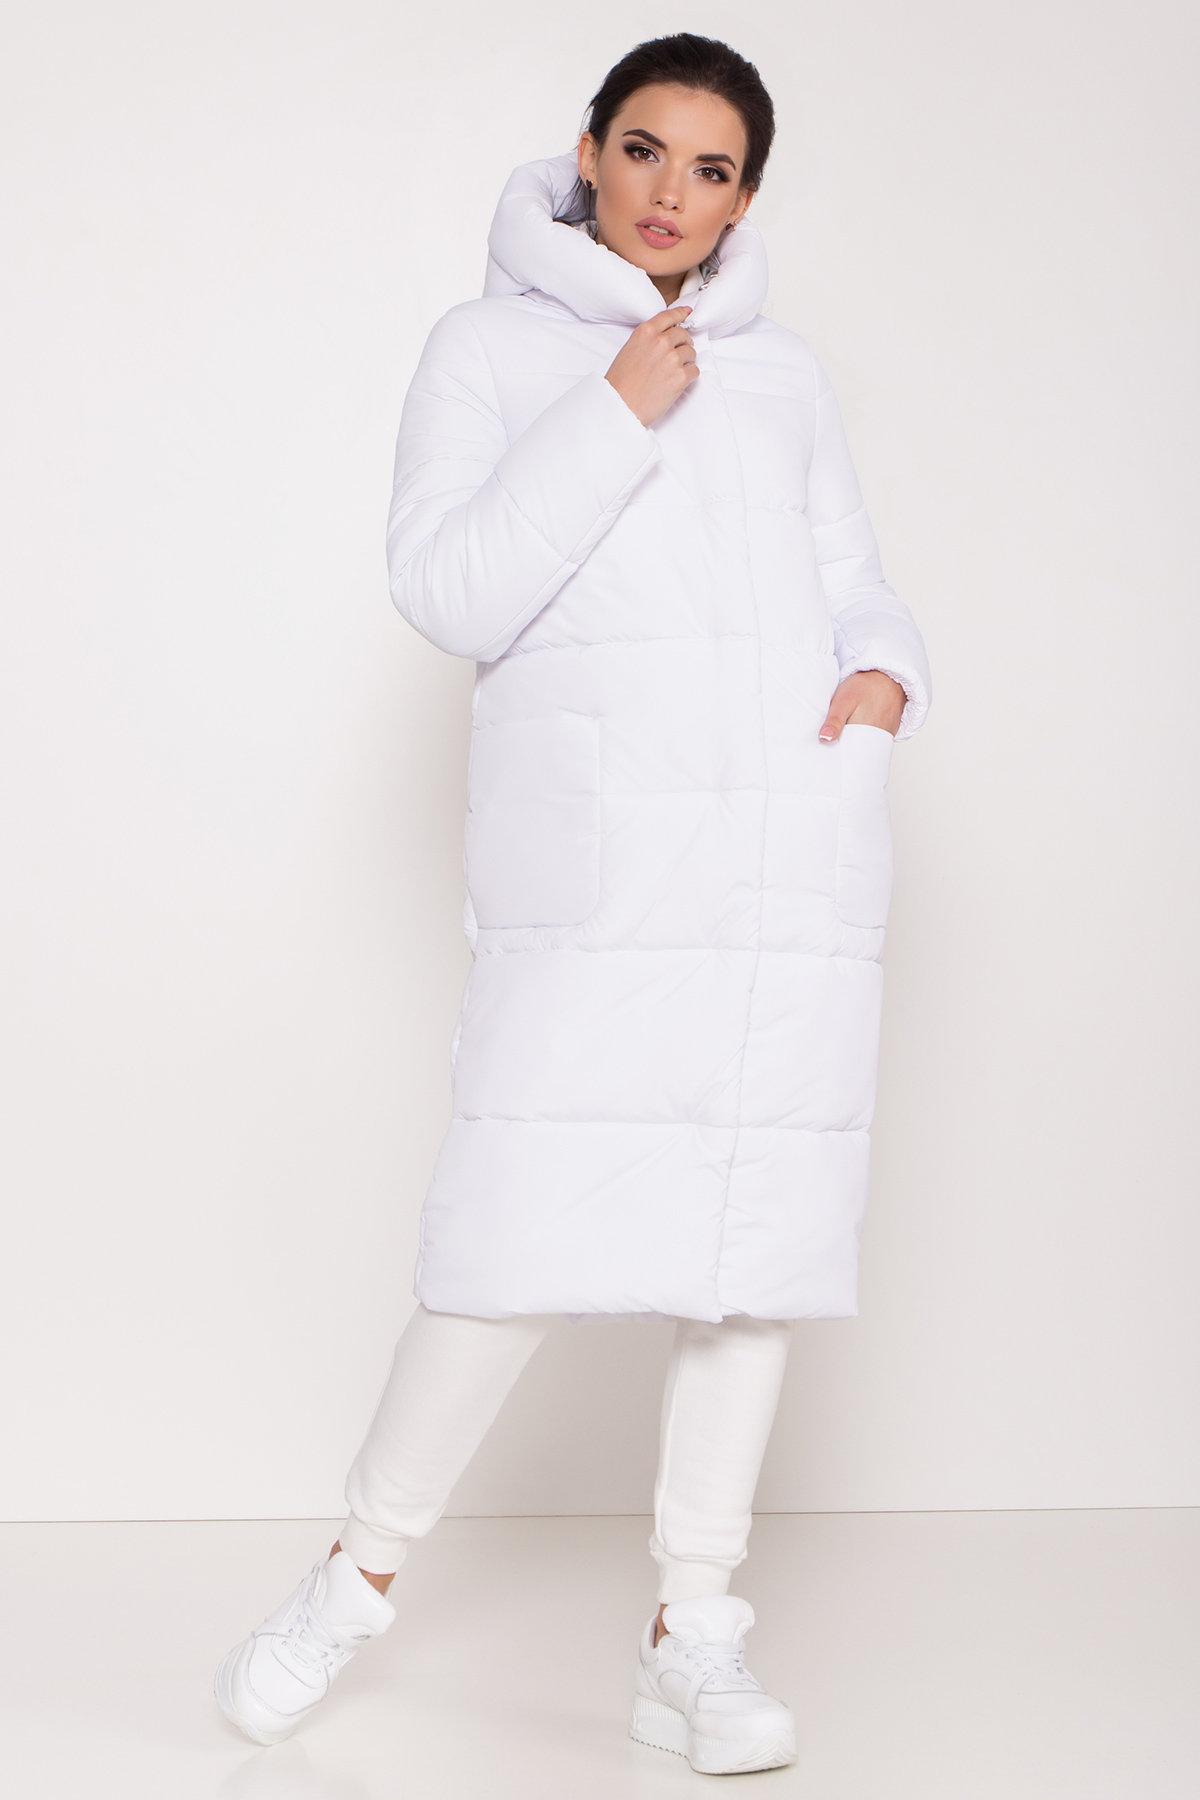 Удлиненный пуховик с накладными карманами Бланка 8622 АРТ. 44960 Цвет: Белый - фото 2, интернет магазин tm-modus.ru